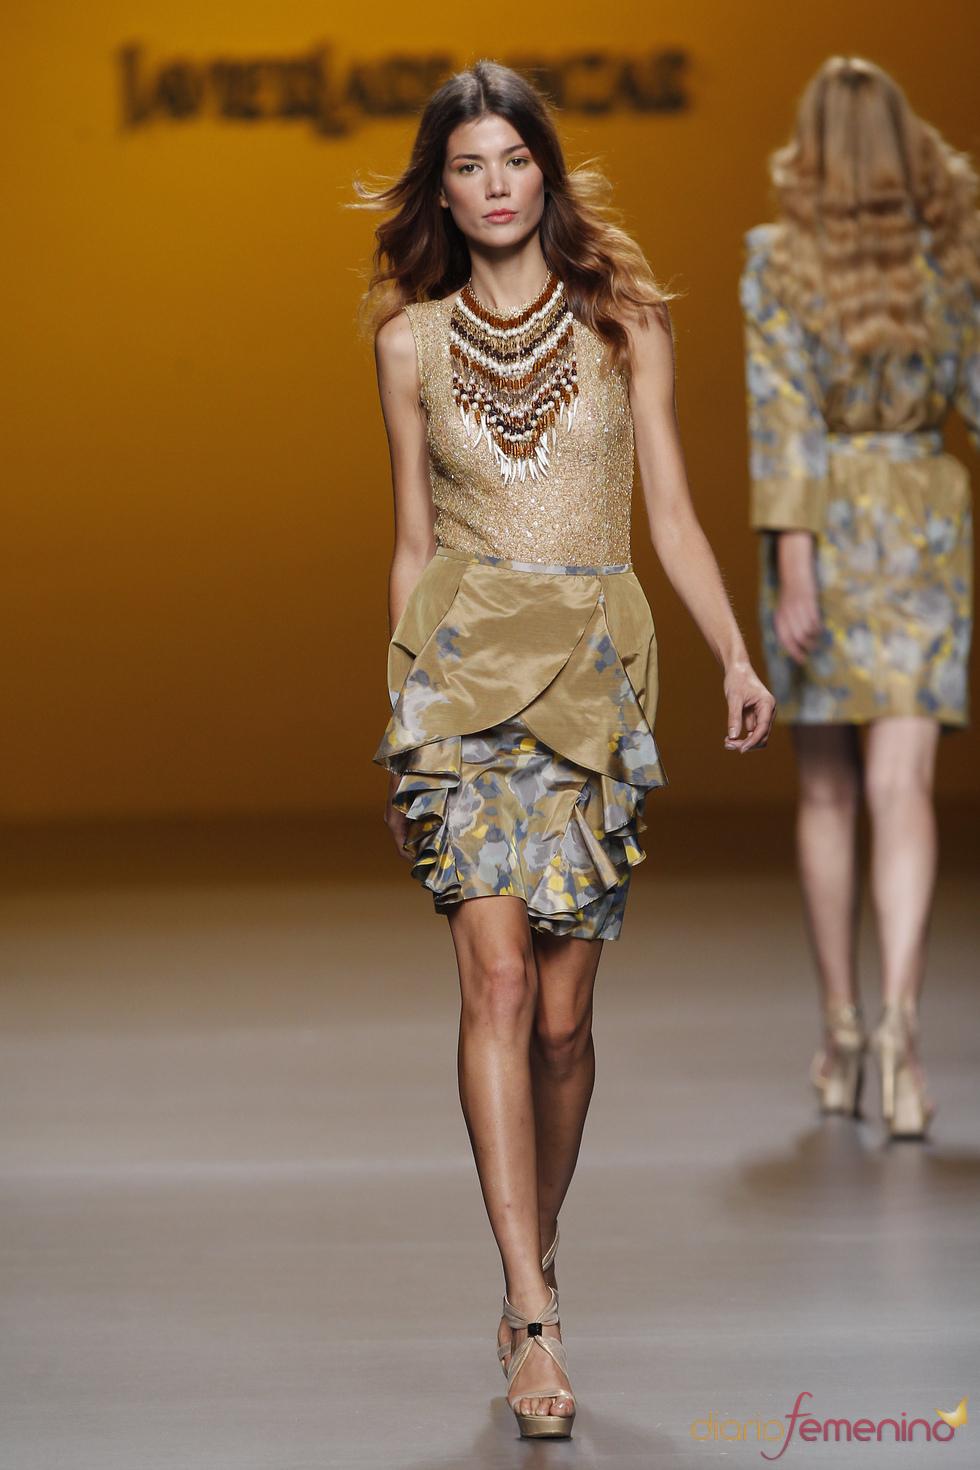 Falda con superposiciones y gran collar étnico, Javier Larrainzar, Cibeles 2011